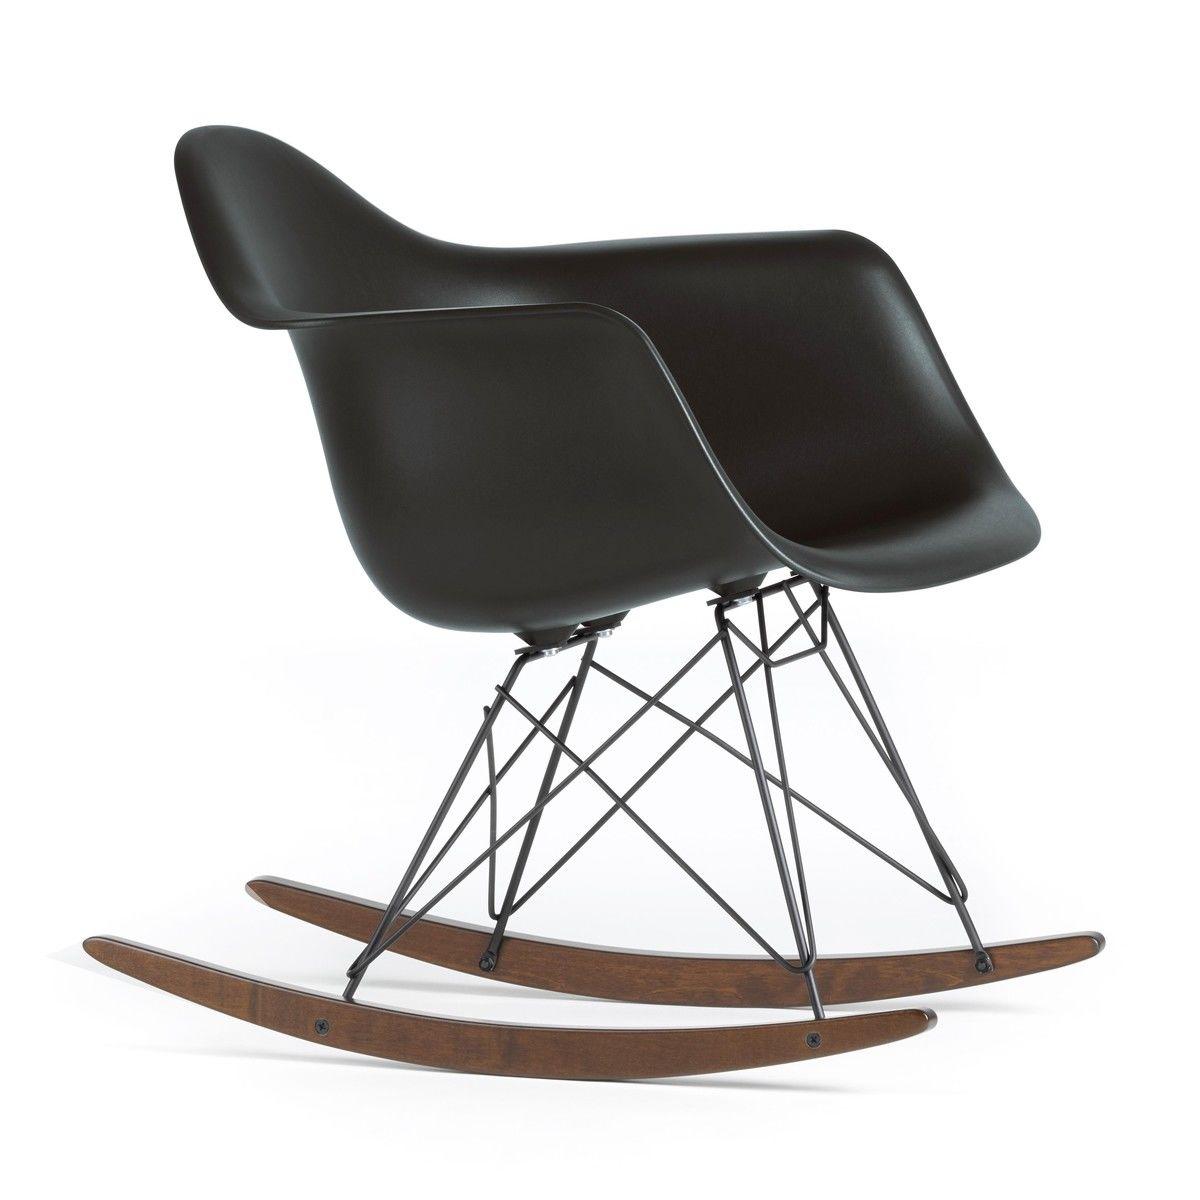 Eames Plastic Armchair Rar Edition Sp 233 Ciale Vitra